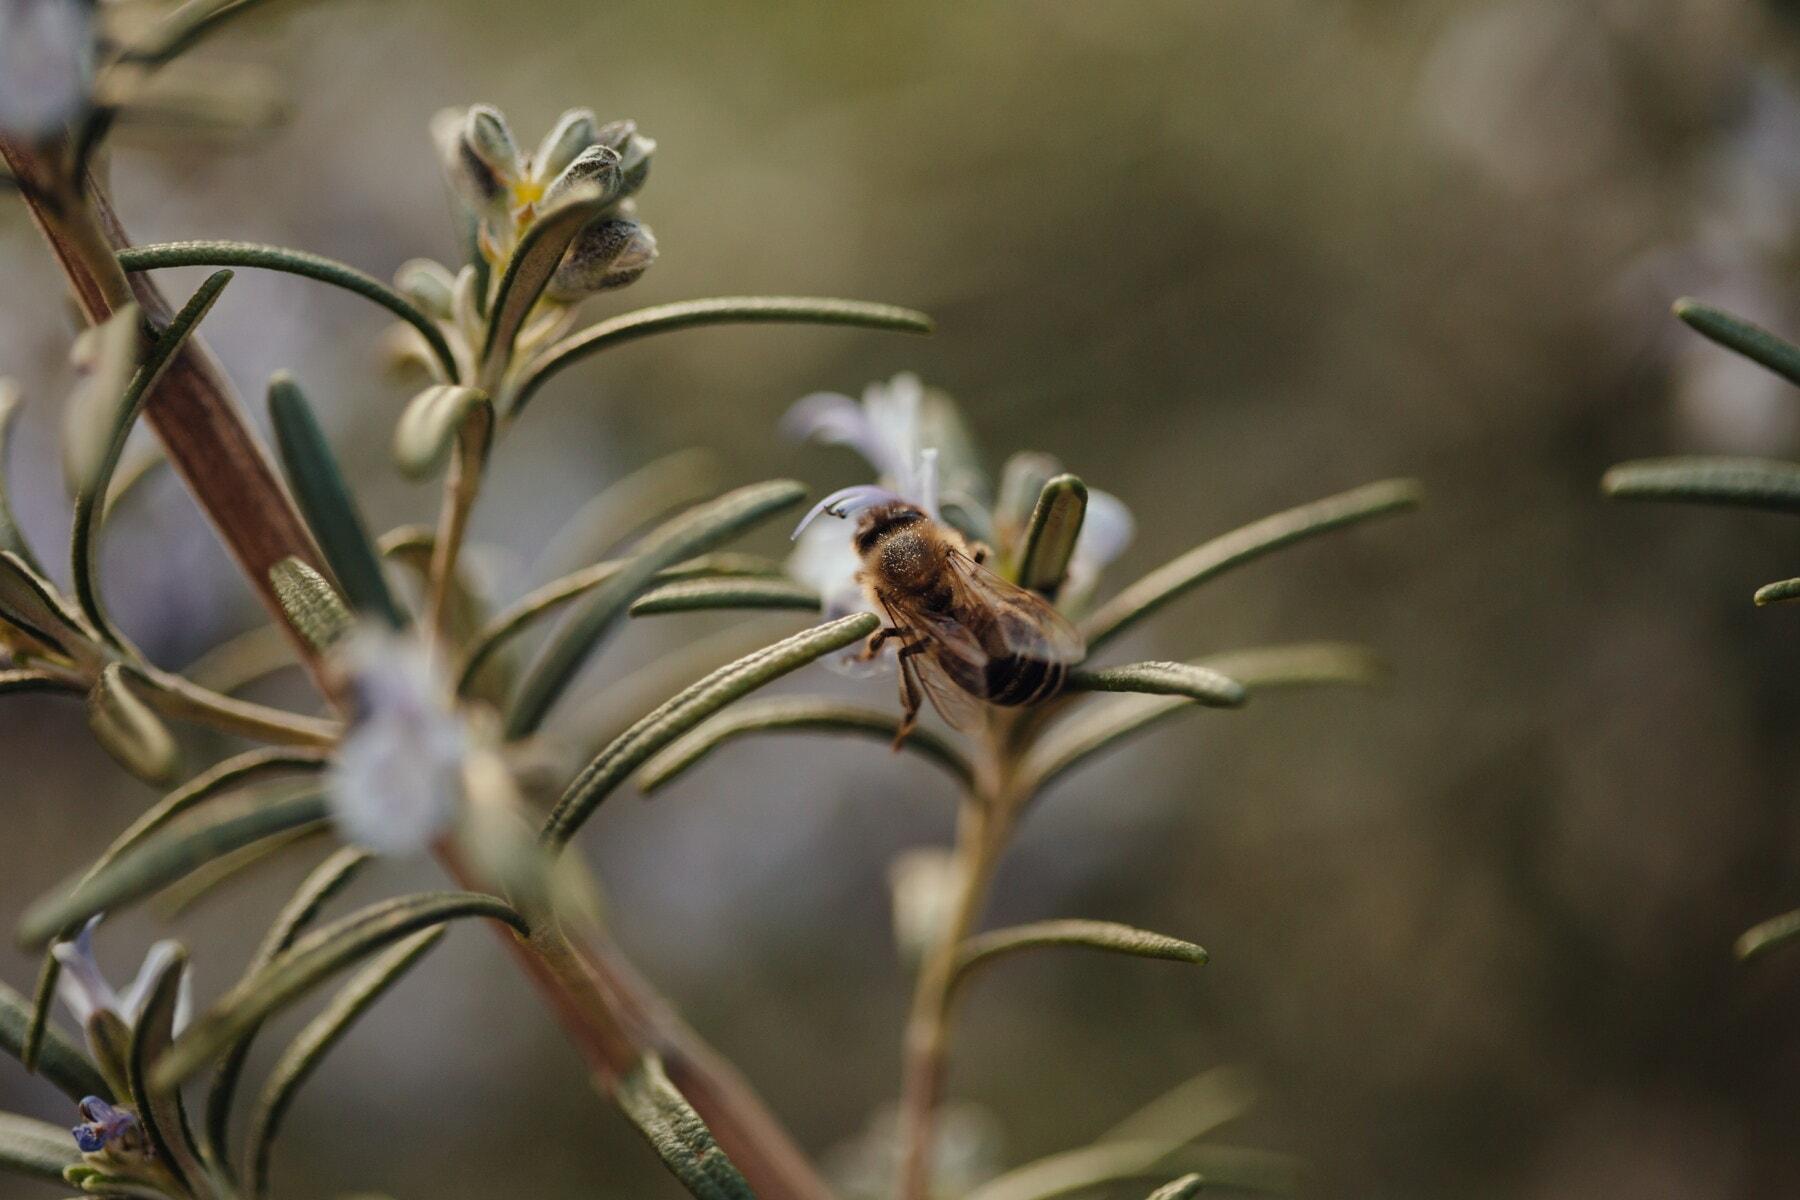 квітник, Бджола, медоносних бджіл, запилювачів, Пилок, ароматичні, запилення, рослина, членистоногих, павукоподібних